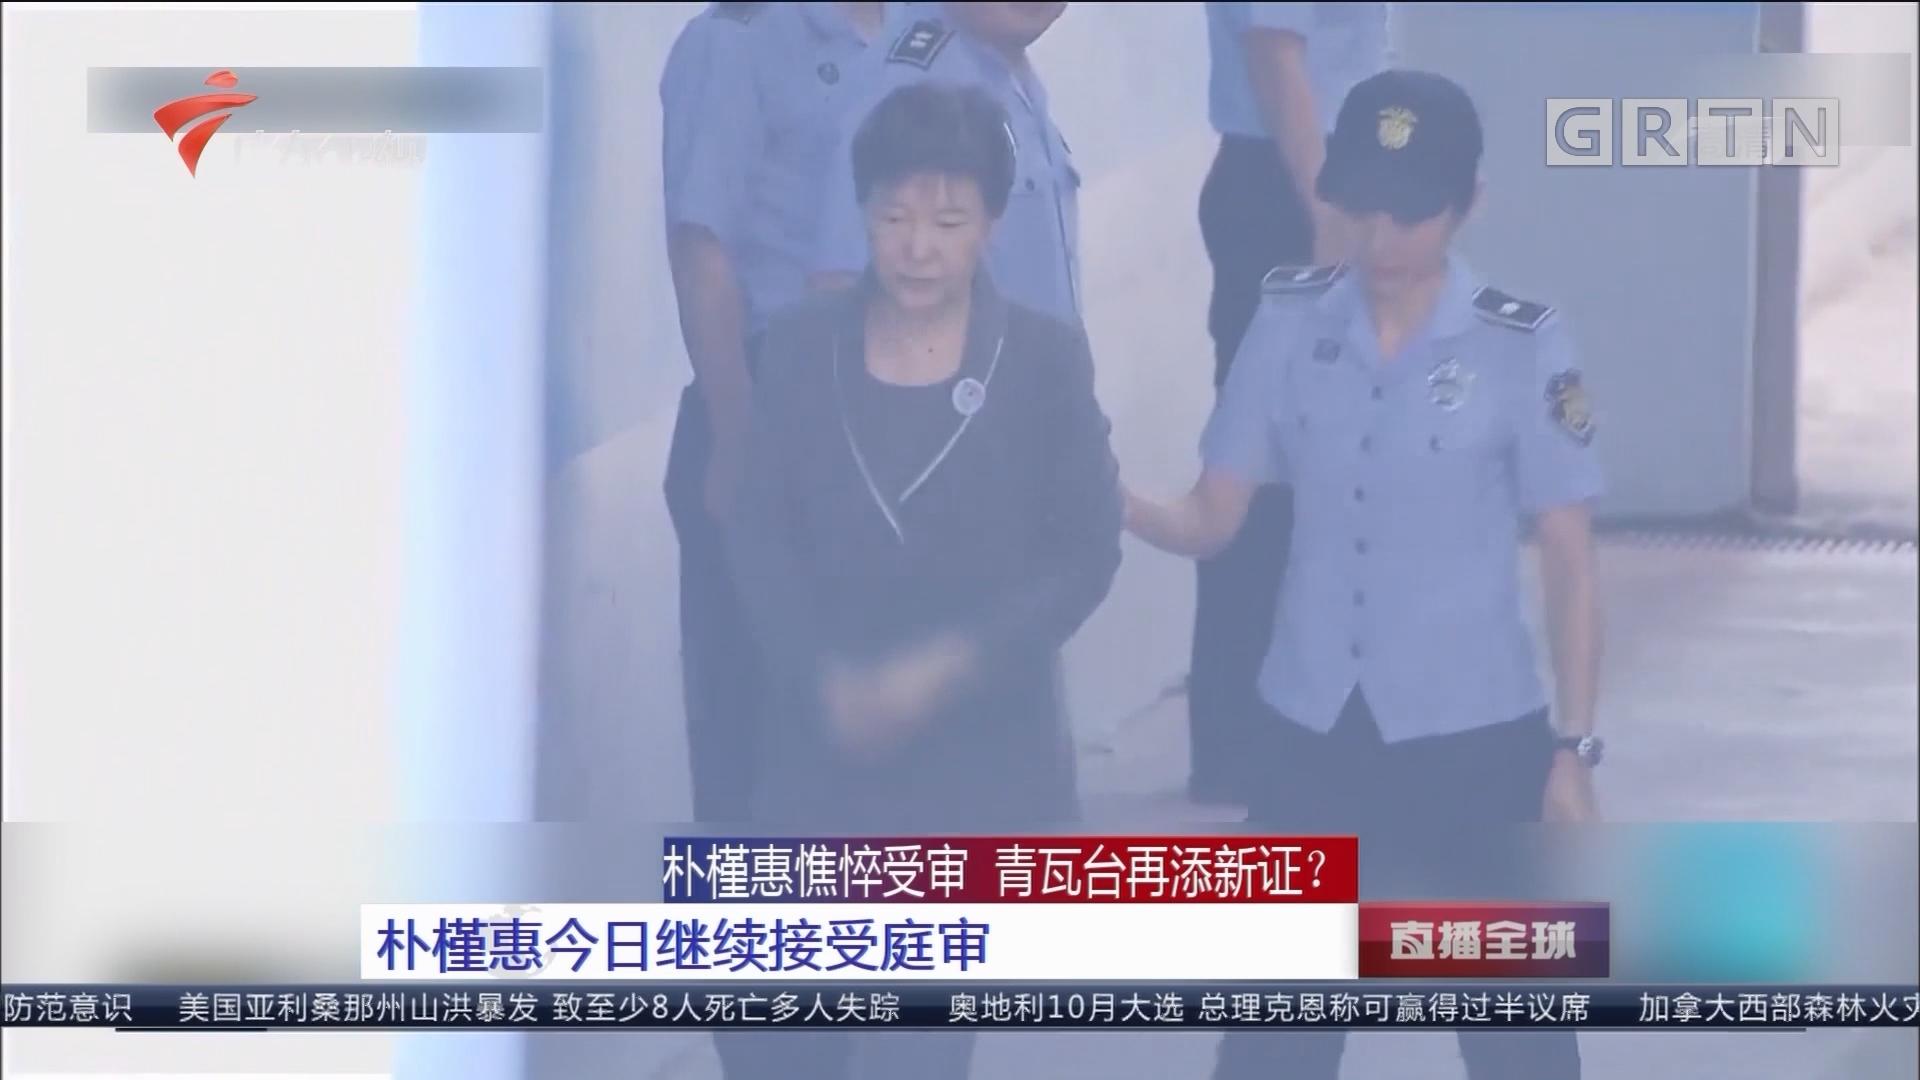 朴槿惠憔悴受审 青瓦台再添新证? 朴槿惠今日继续接受庭审